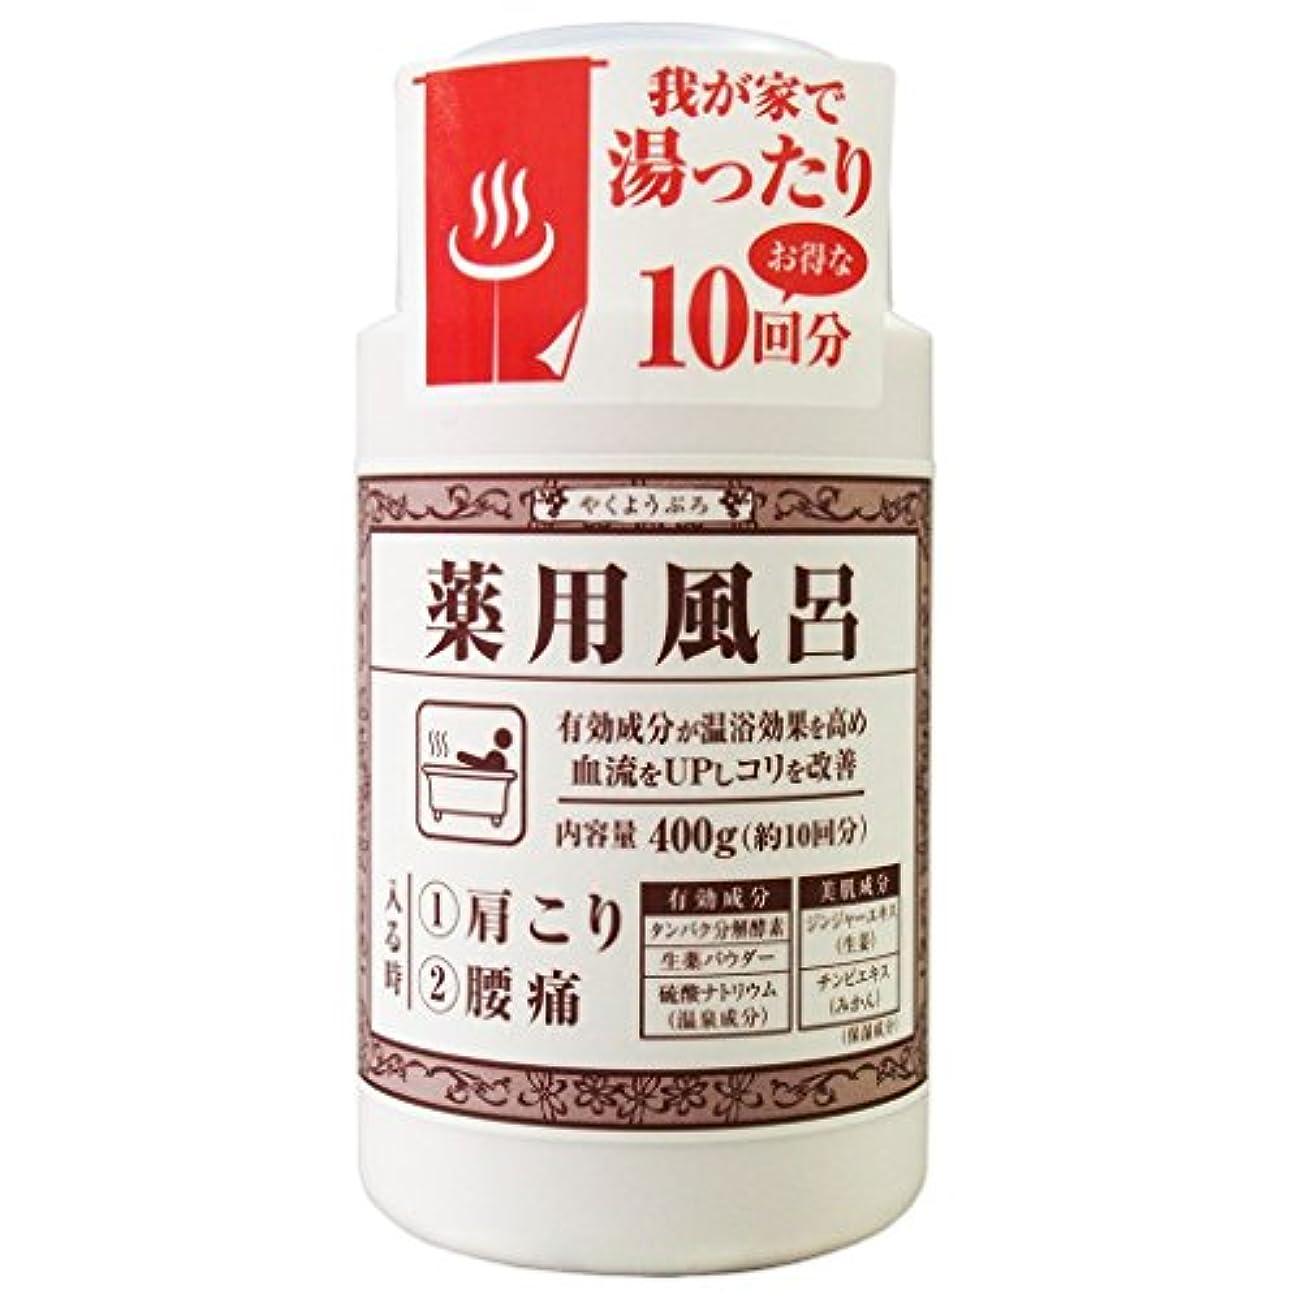 地域の一過性レーニン主義薬用風呂KKa 肩こり?腰痛 ボトル 400g(医薬部外品)